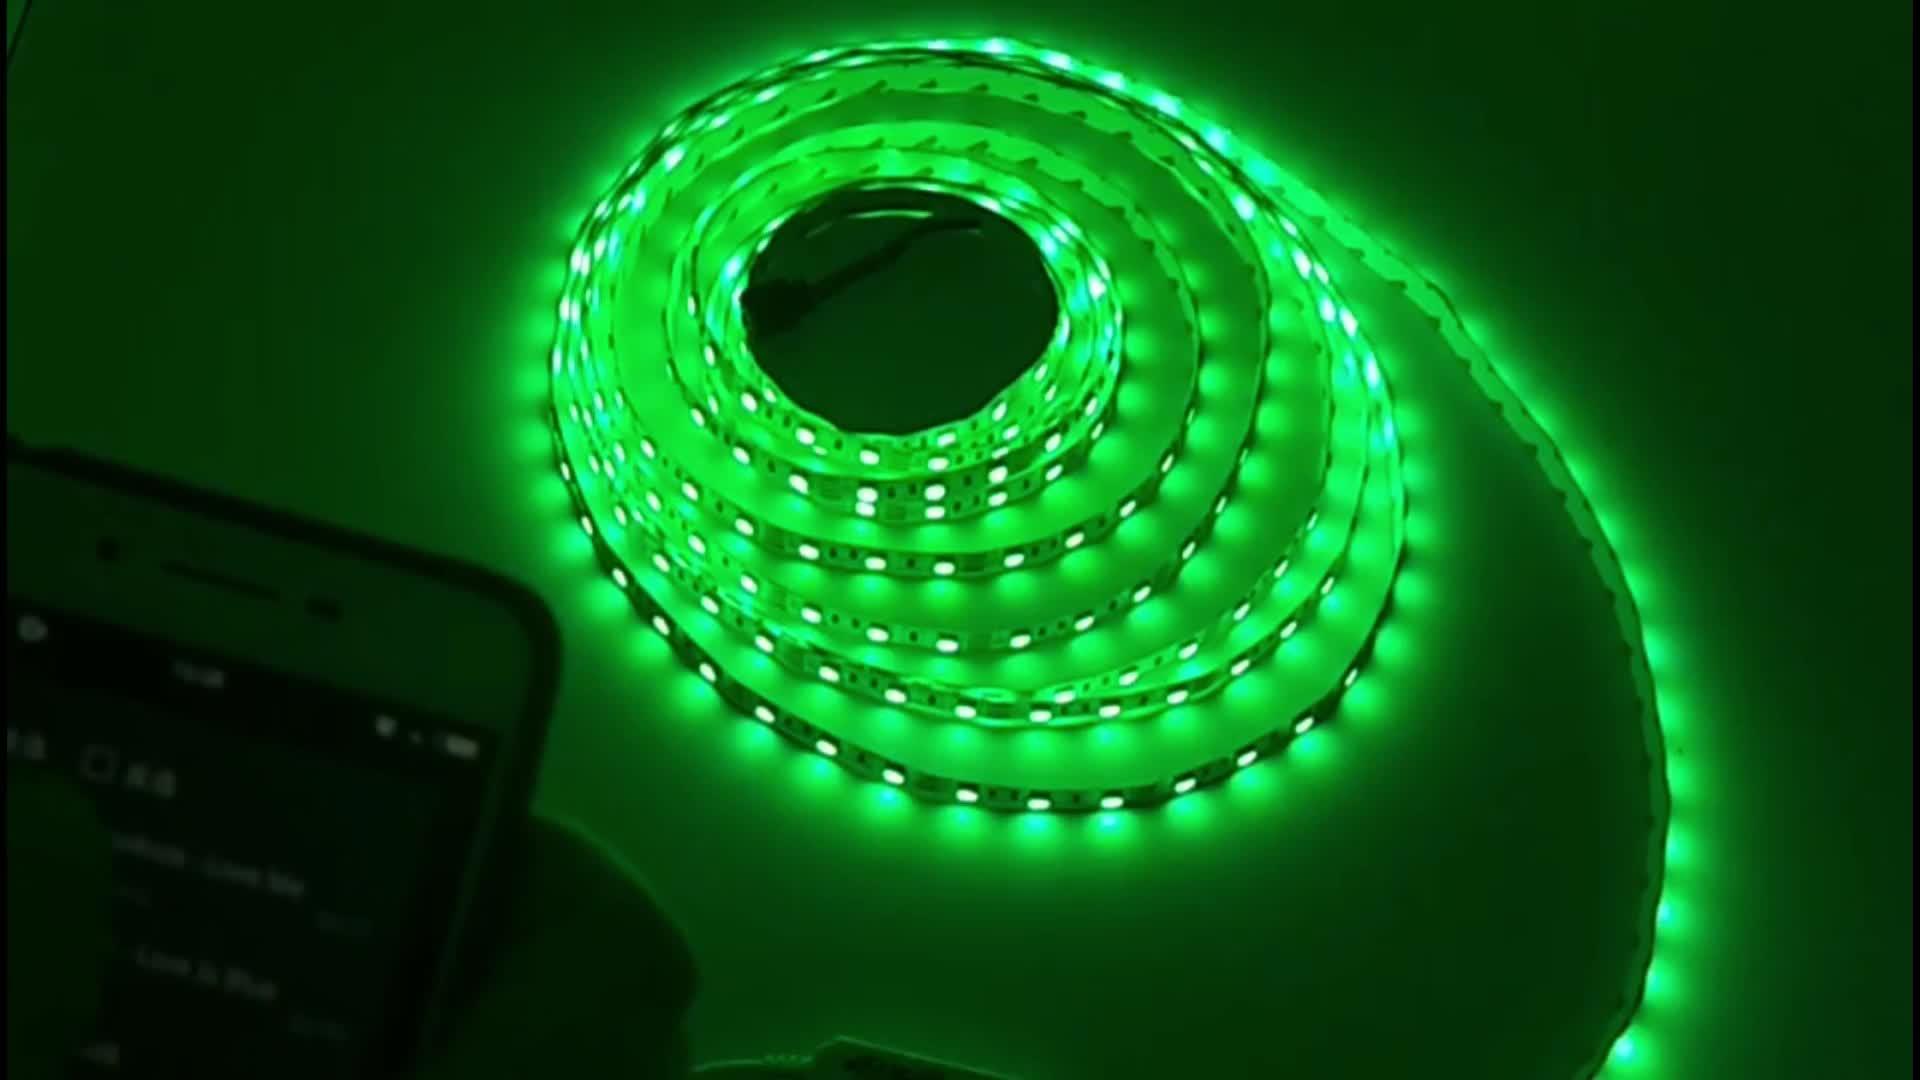 Ce بنفايات شهادة لون واحد الخلفية لشريط تلفزيون LED